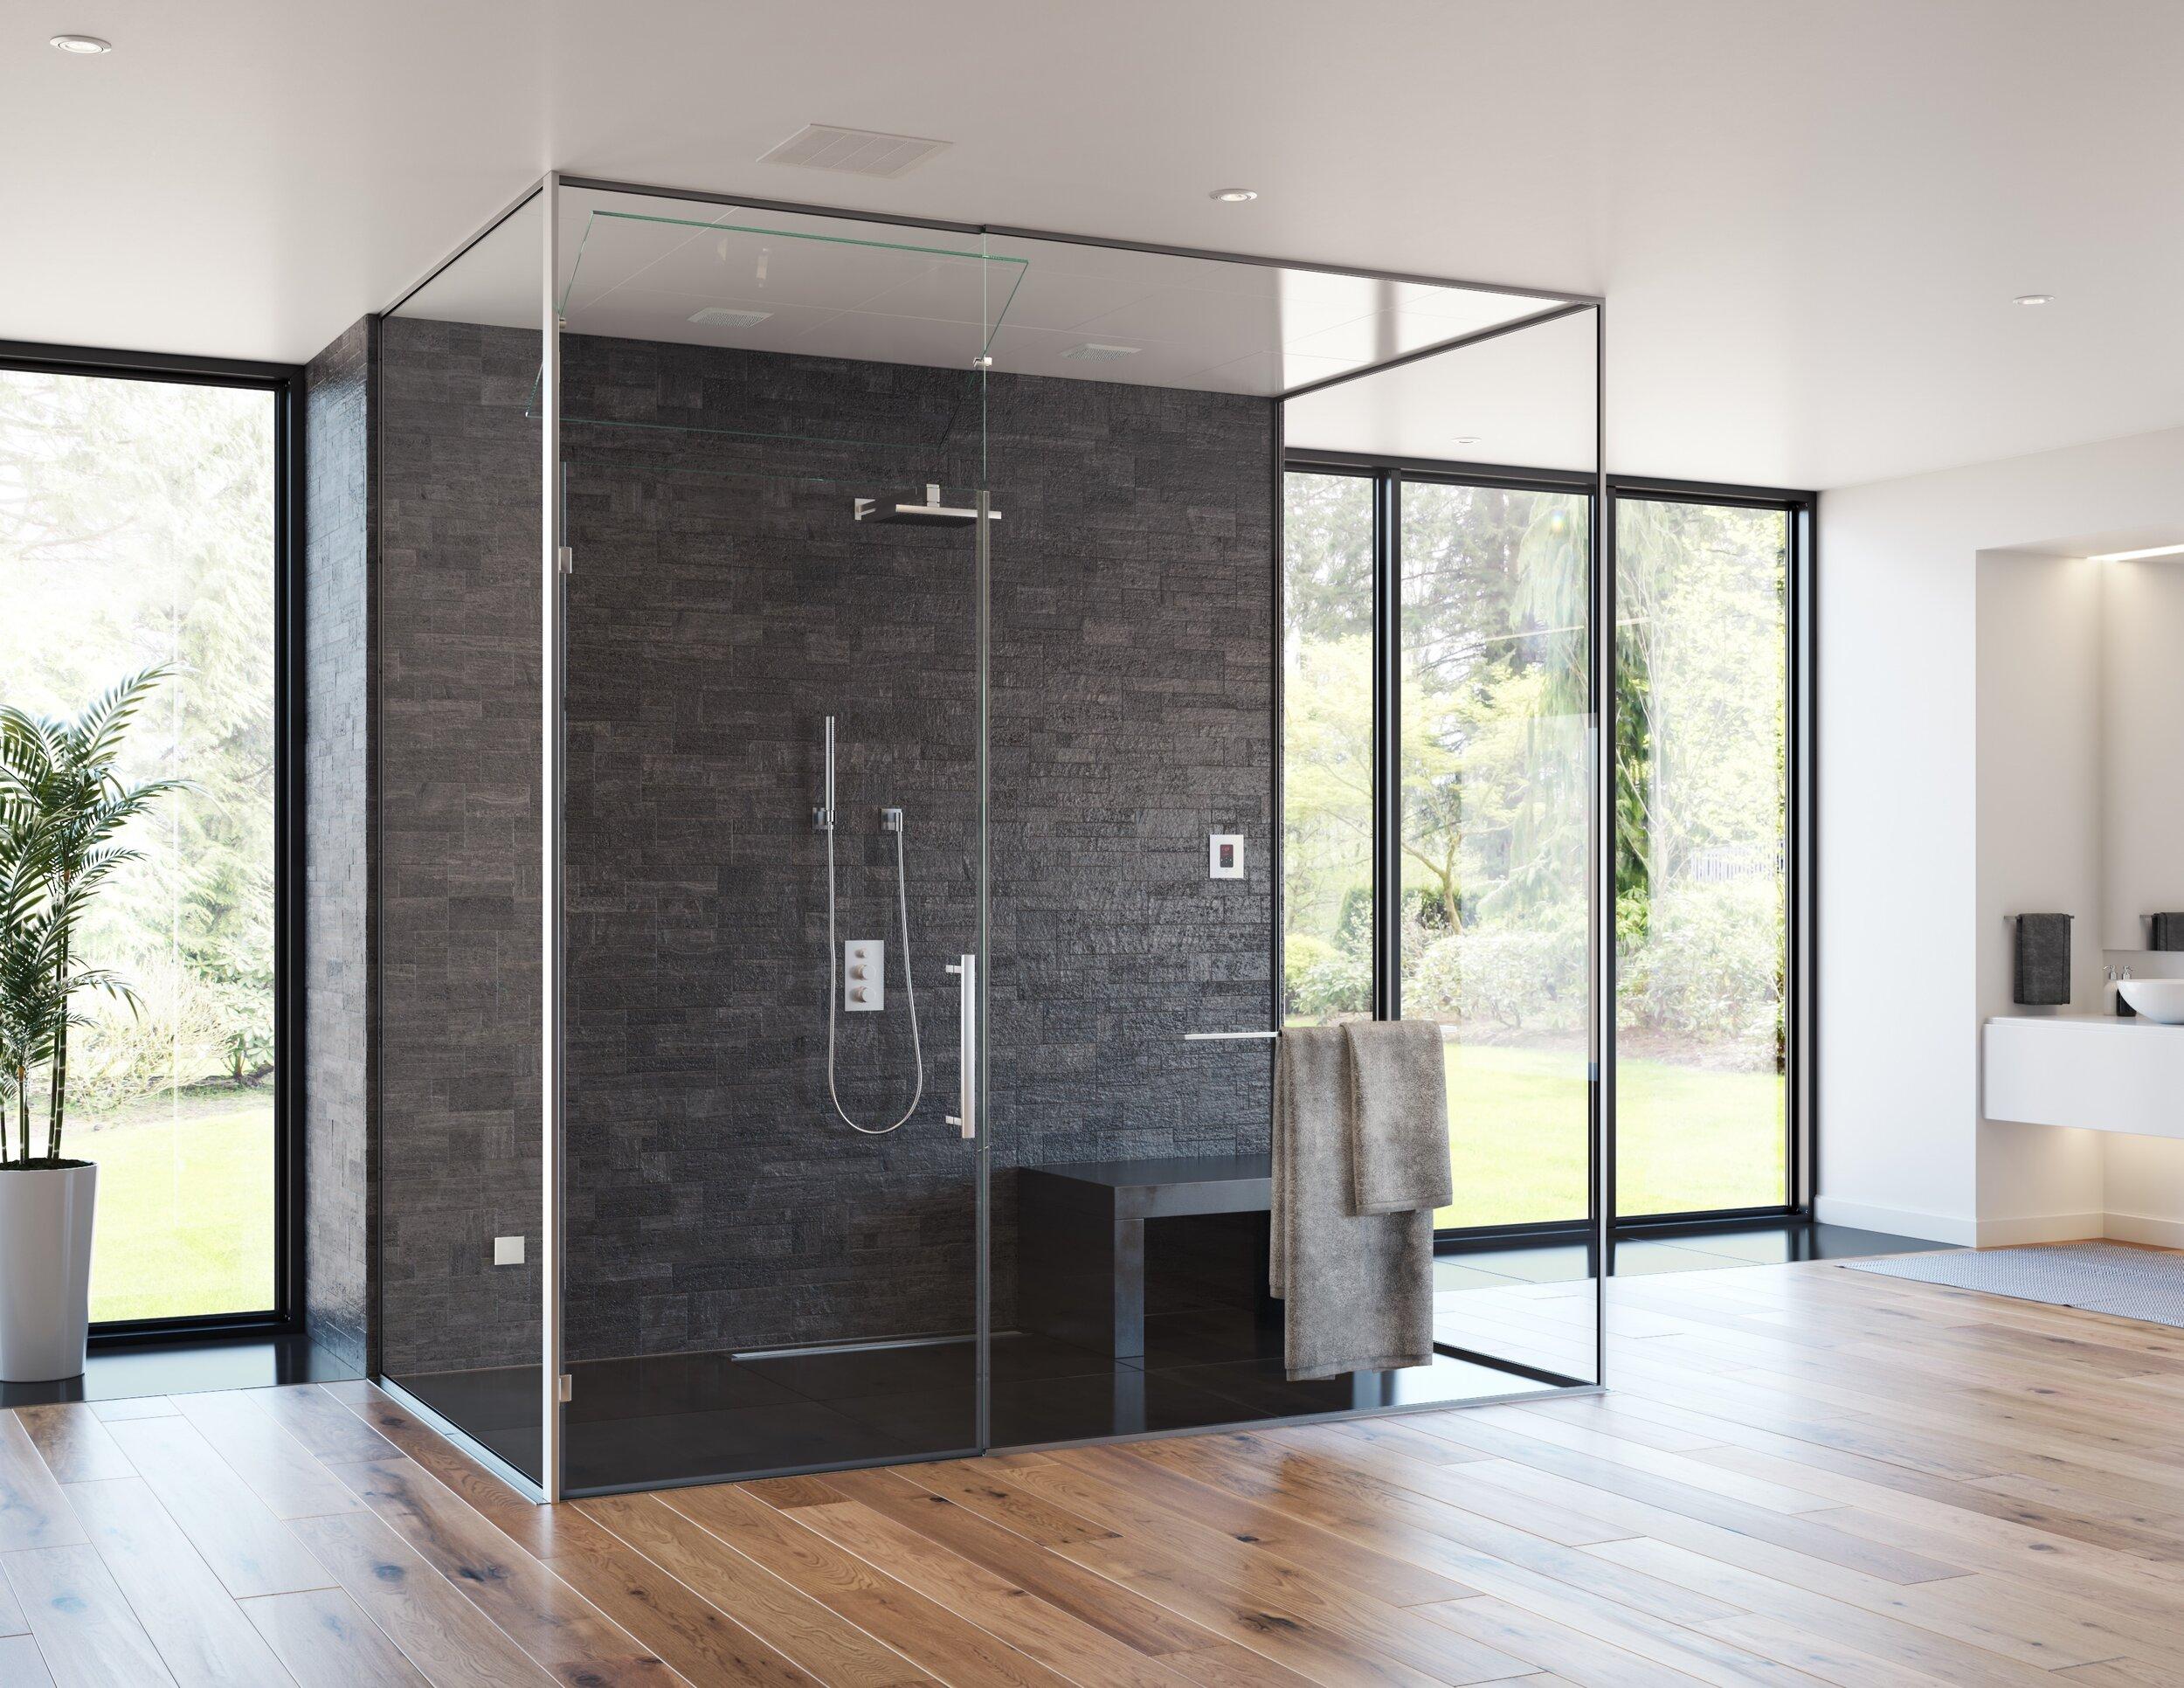 mst2019-05_bathrooms_modern_b_final_v1_01.jpg